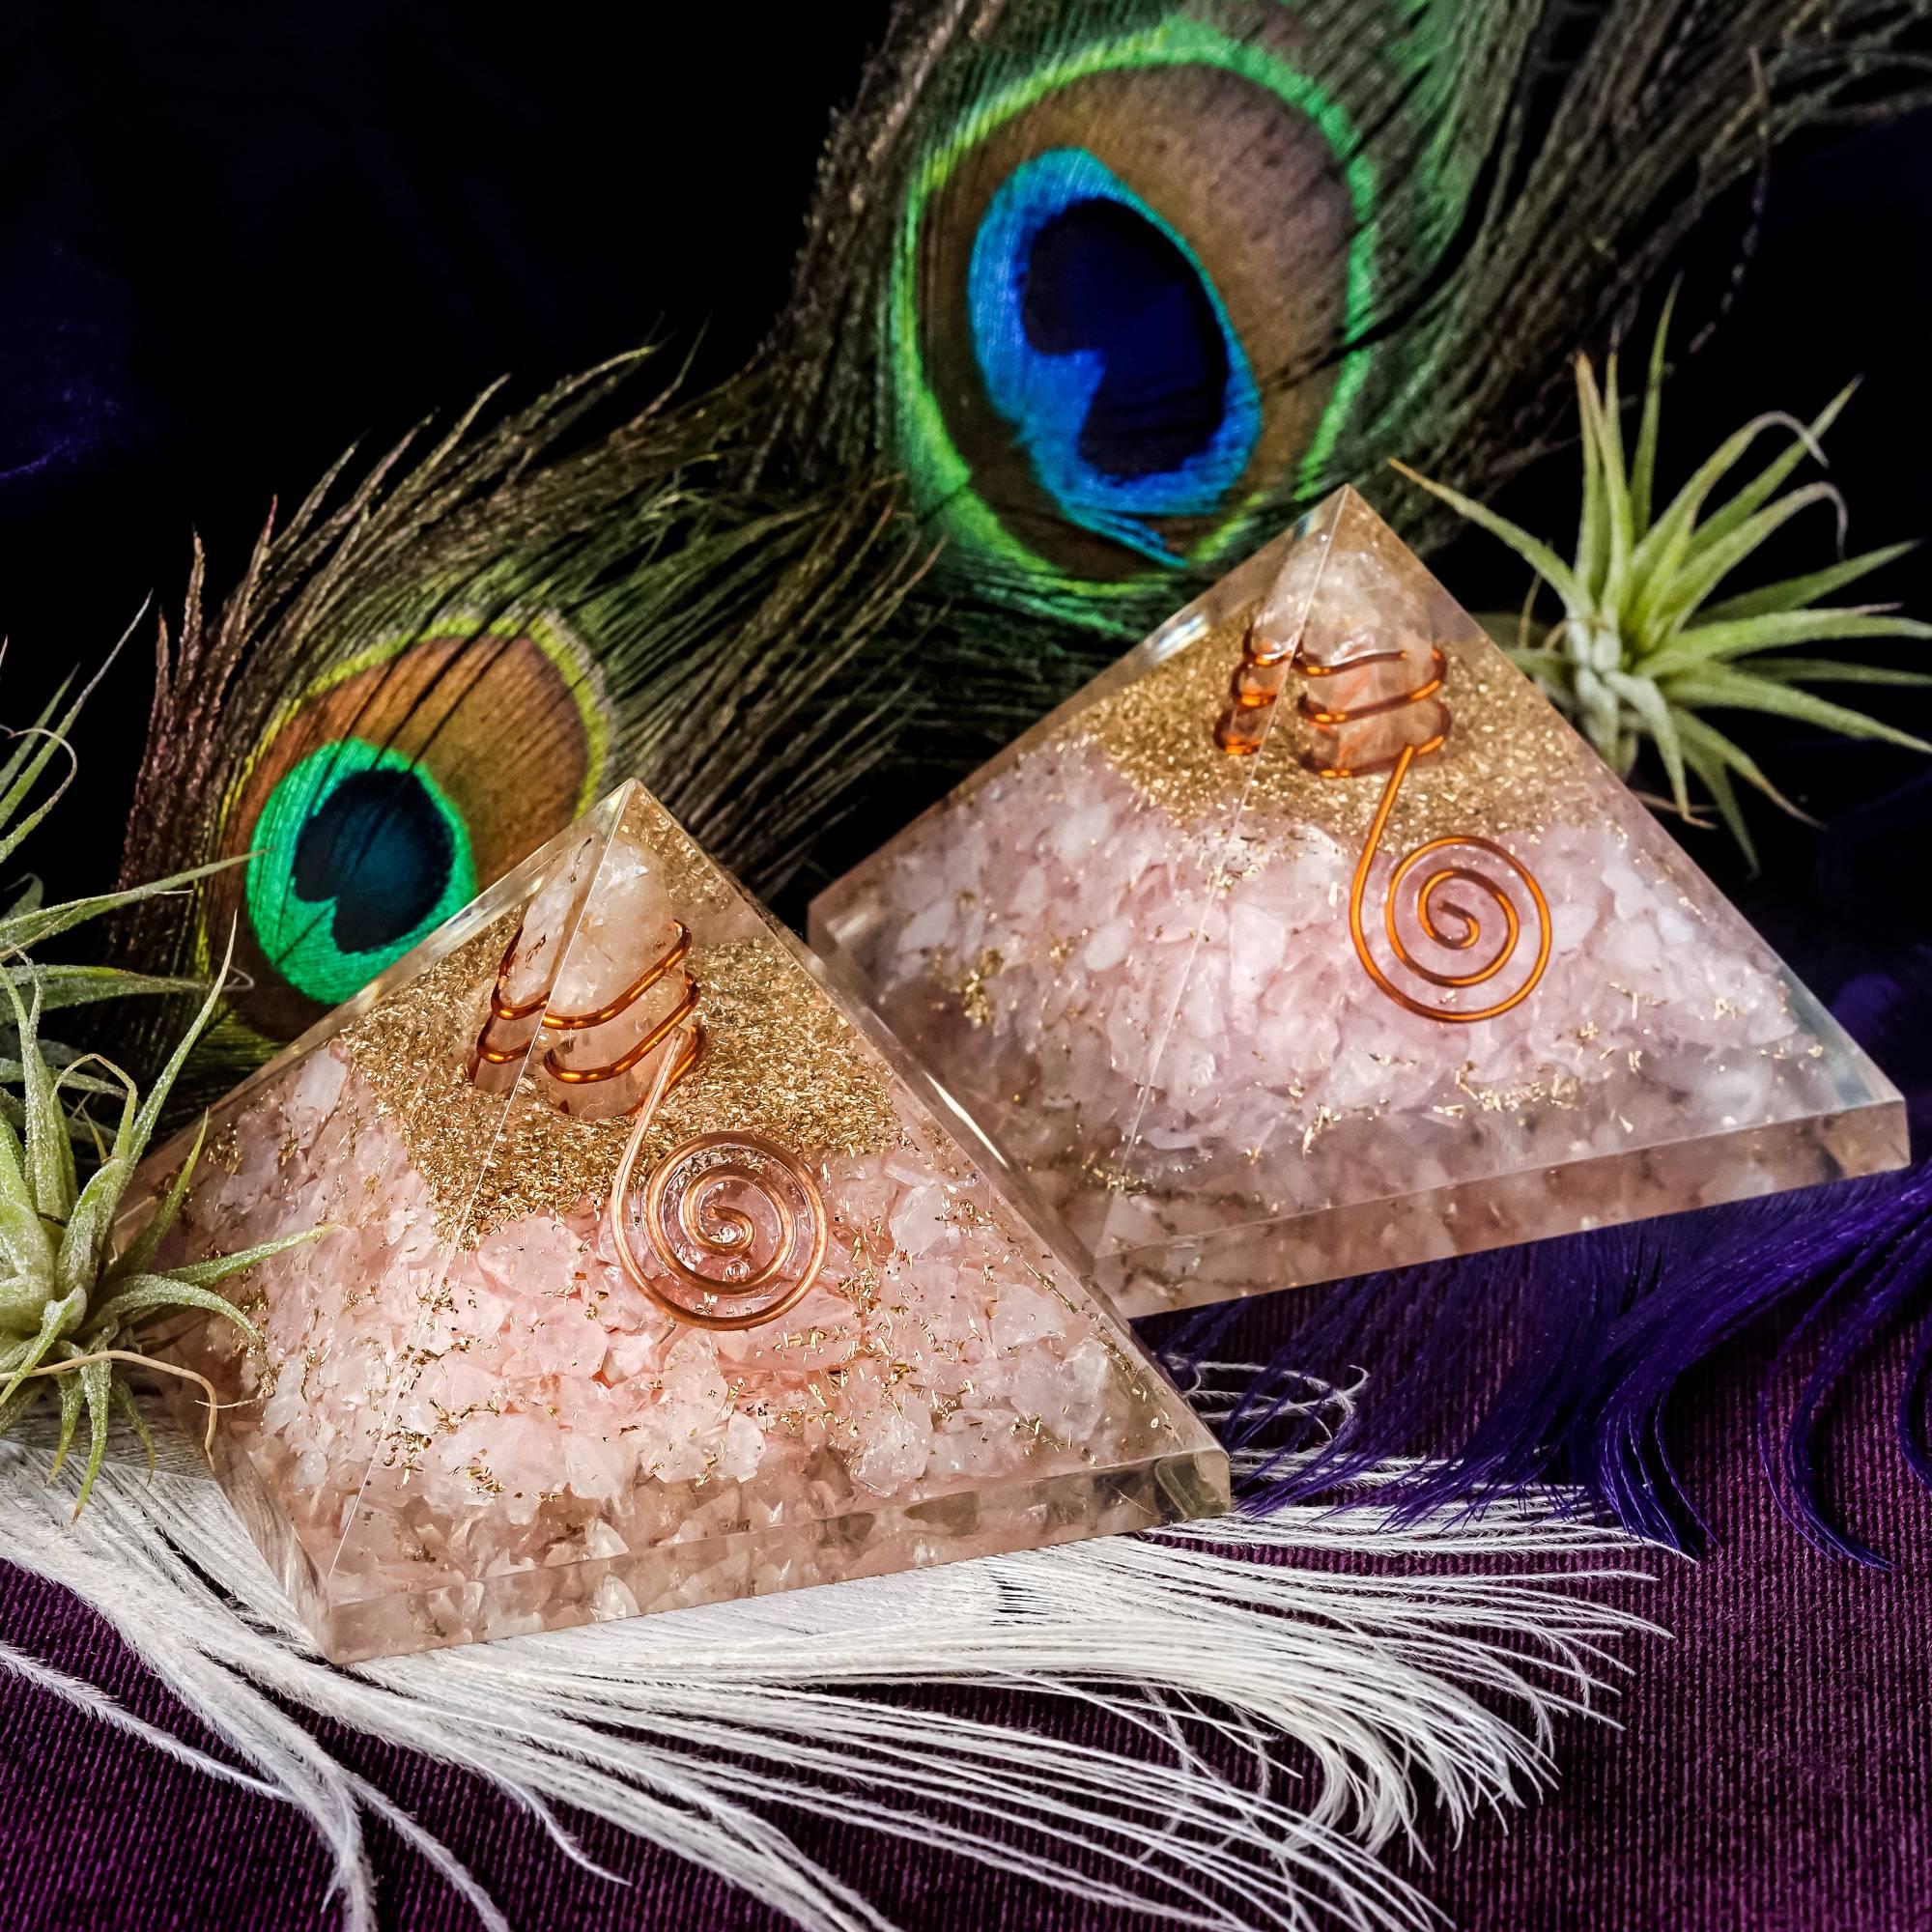 rose quartz orgonite pyramids